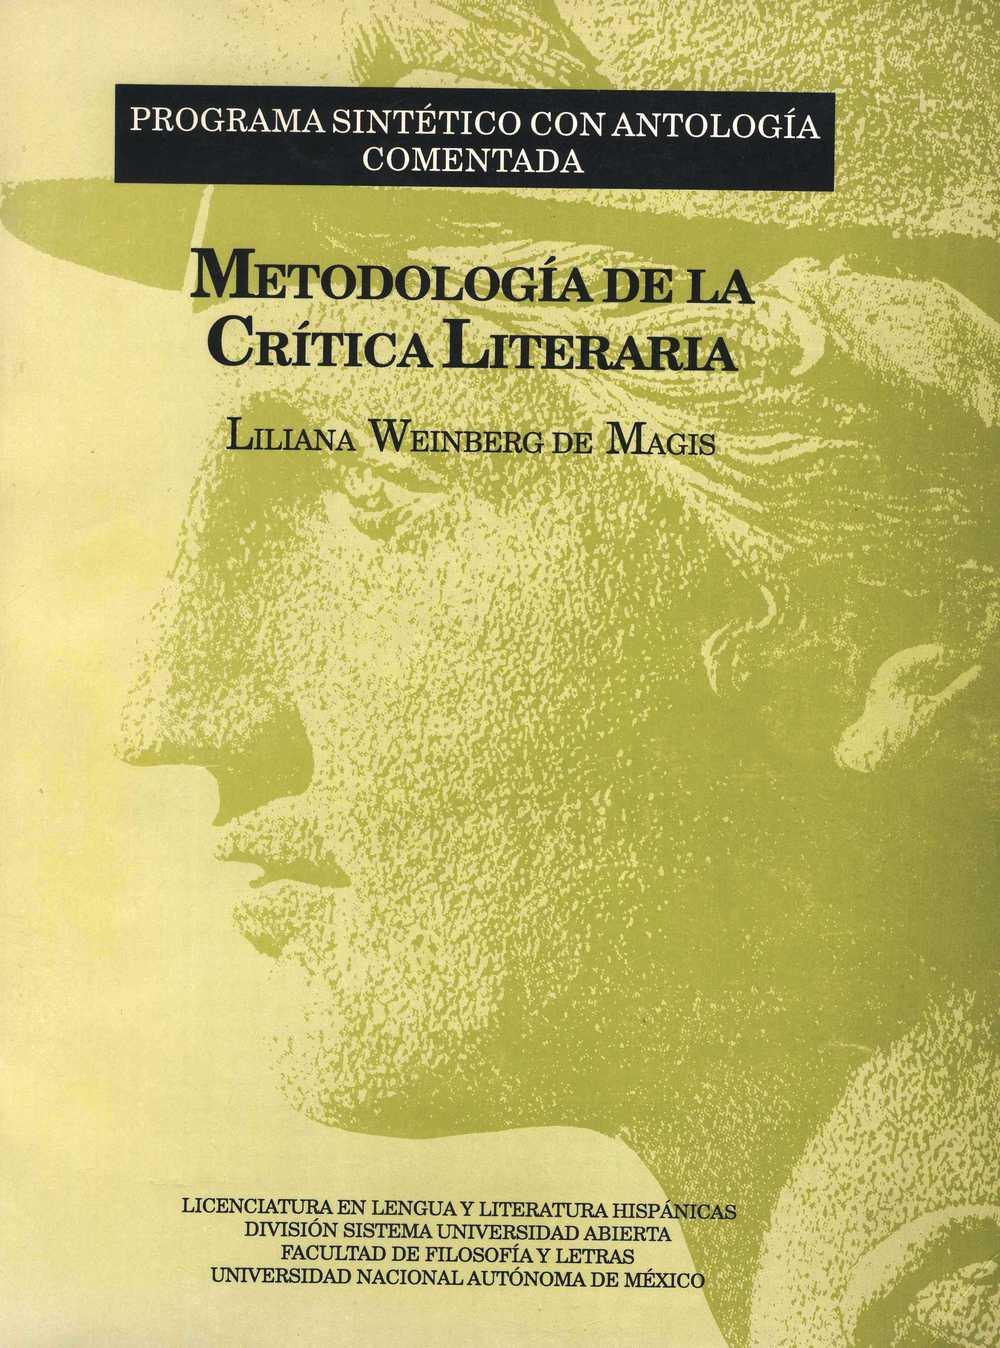 Metodología de la crítica literaria Portada.jpg